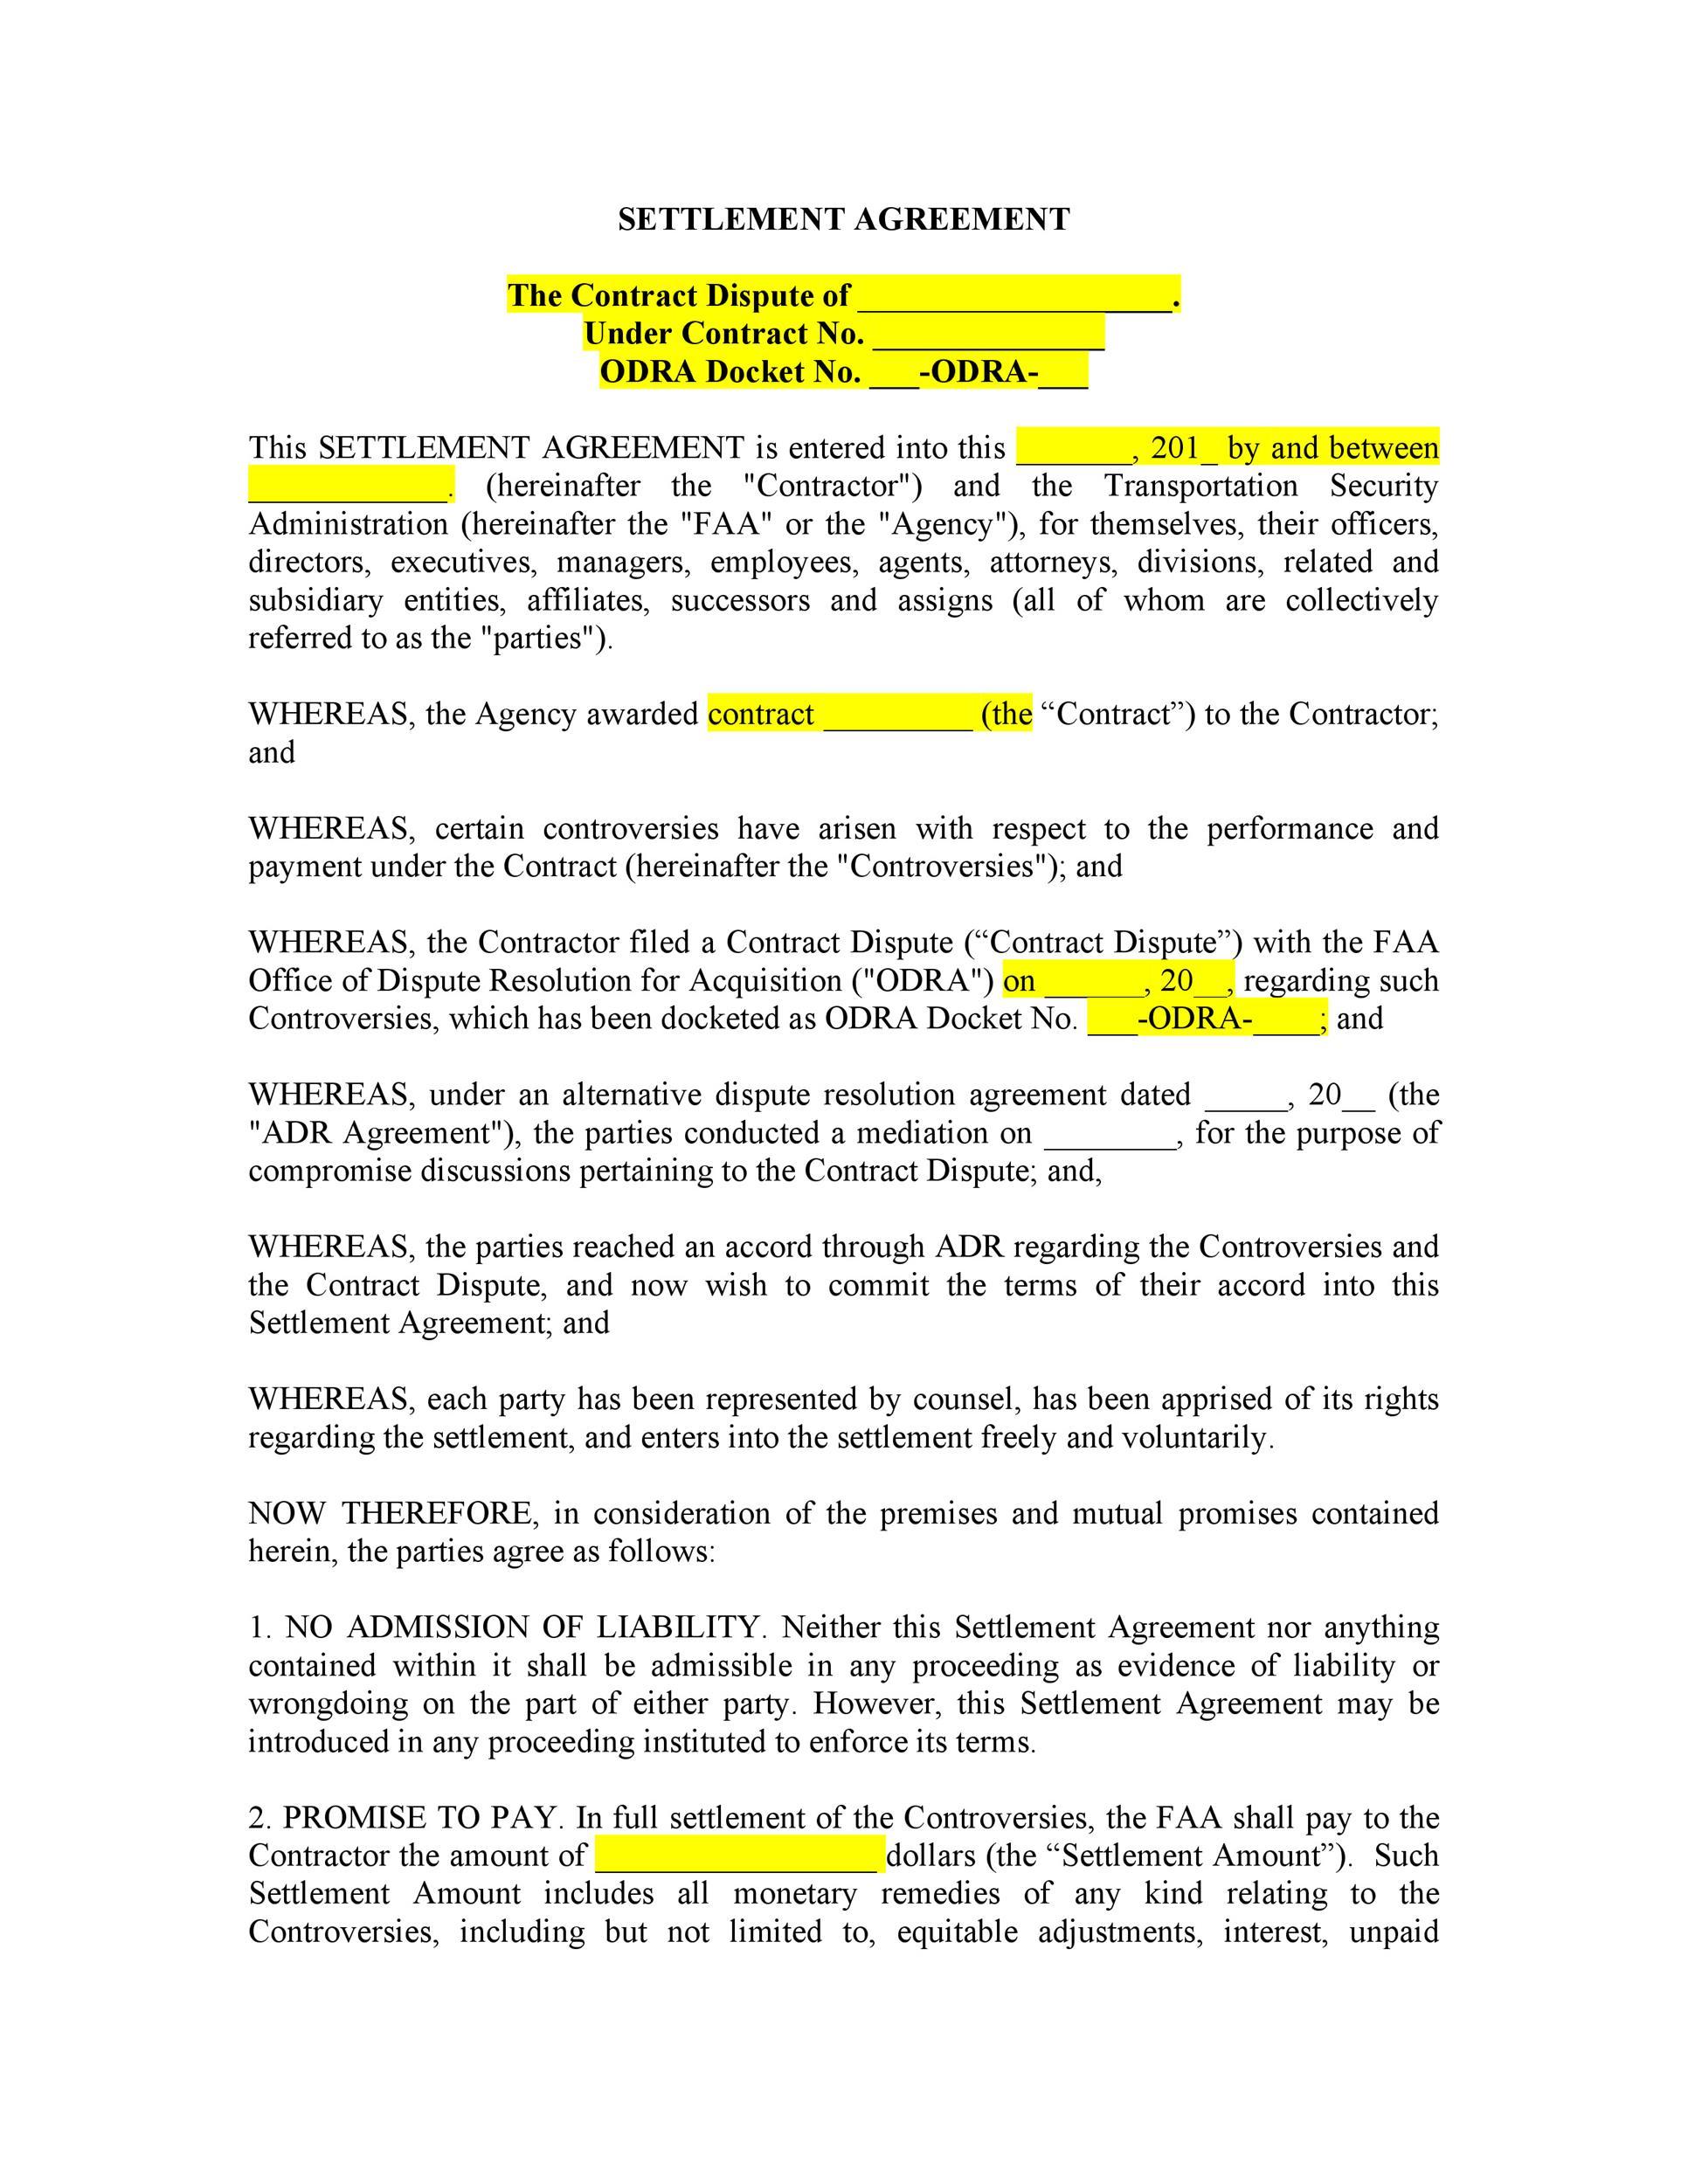 Employment Settlement Agreement Template from templatelab.com